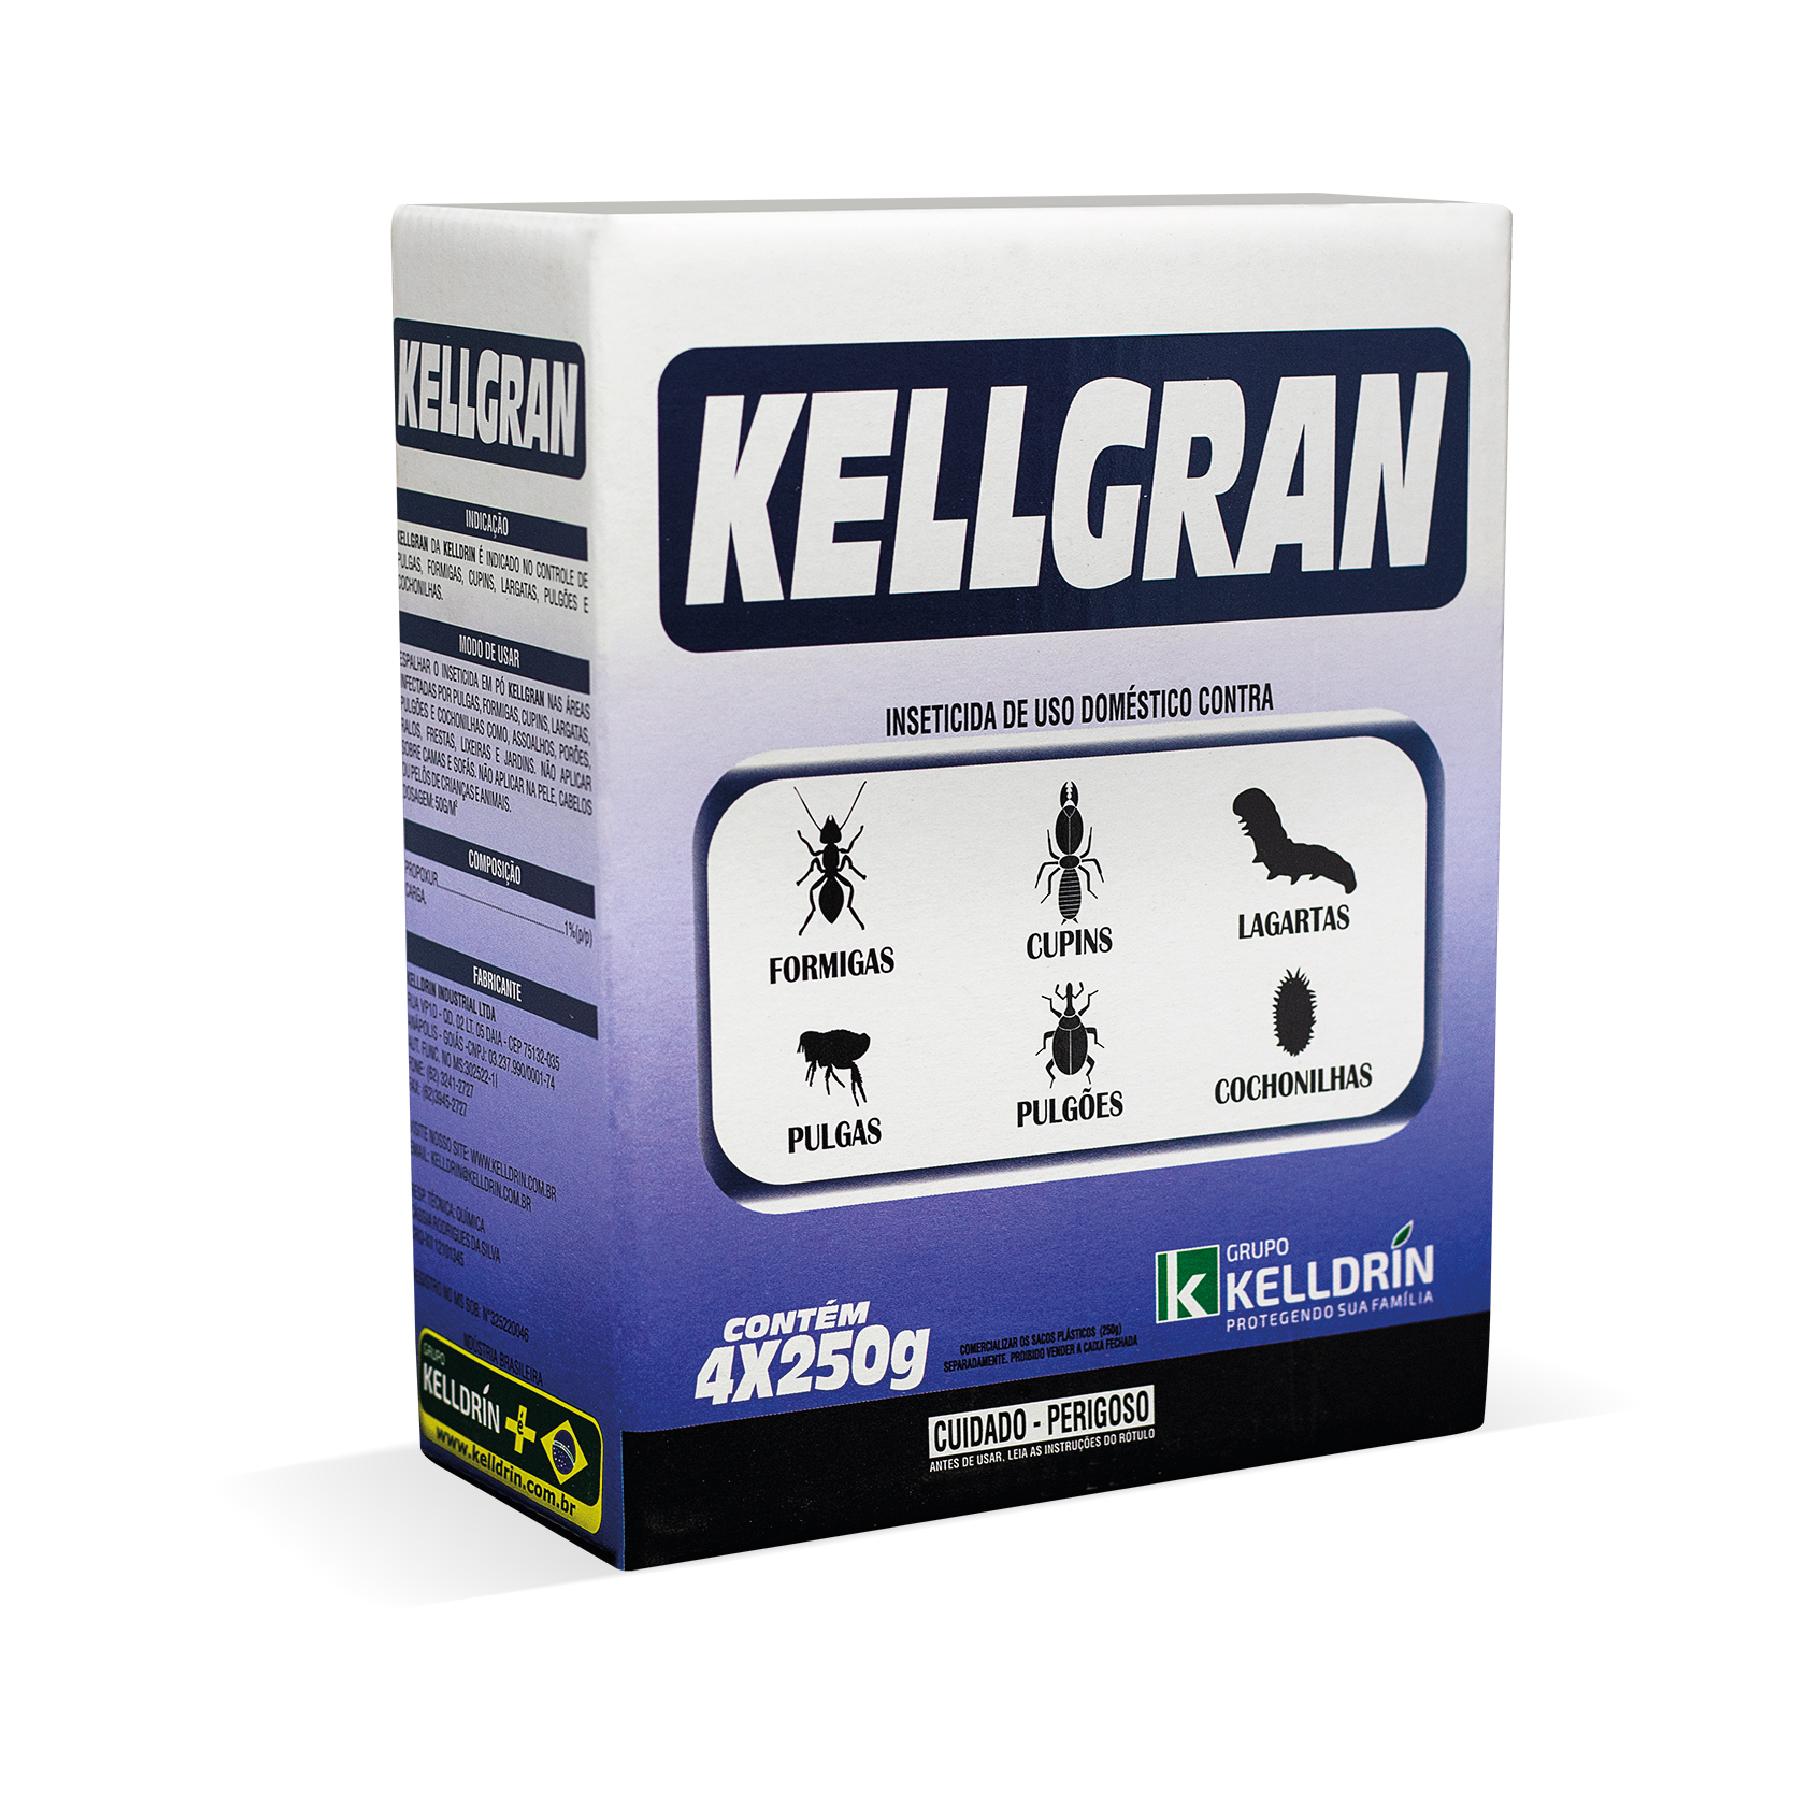 Kellgran